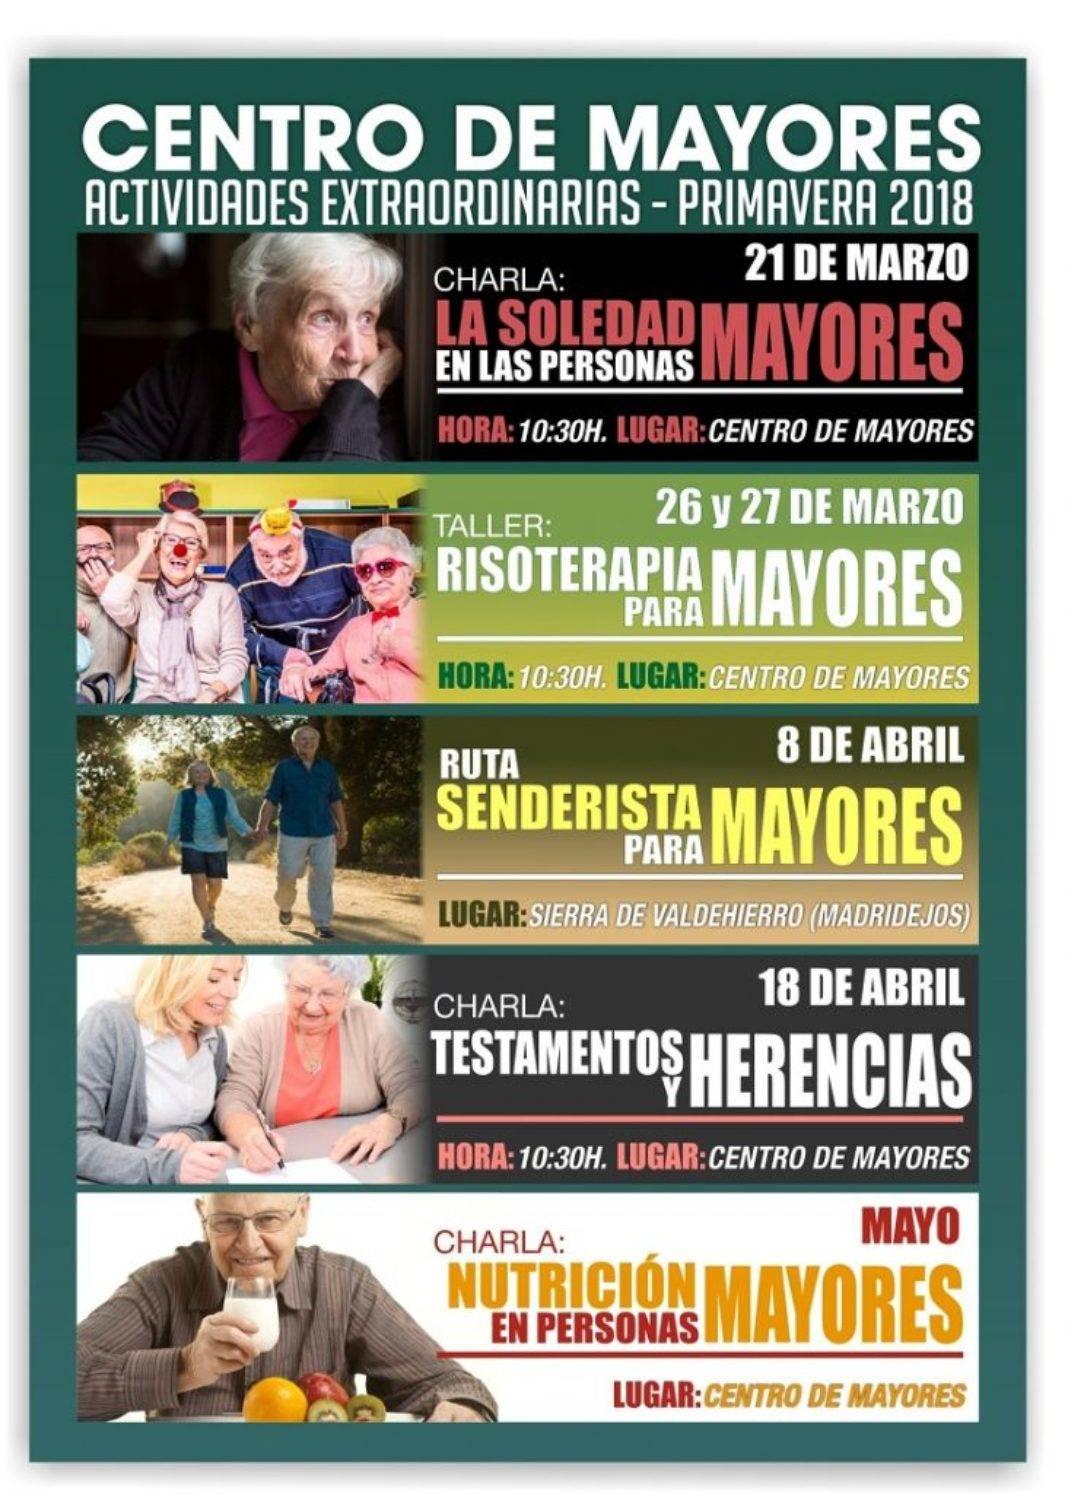 El Centro de Mayores organiza nuevas actividades para primavera 7